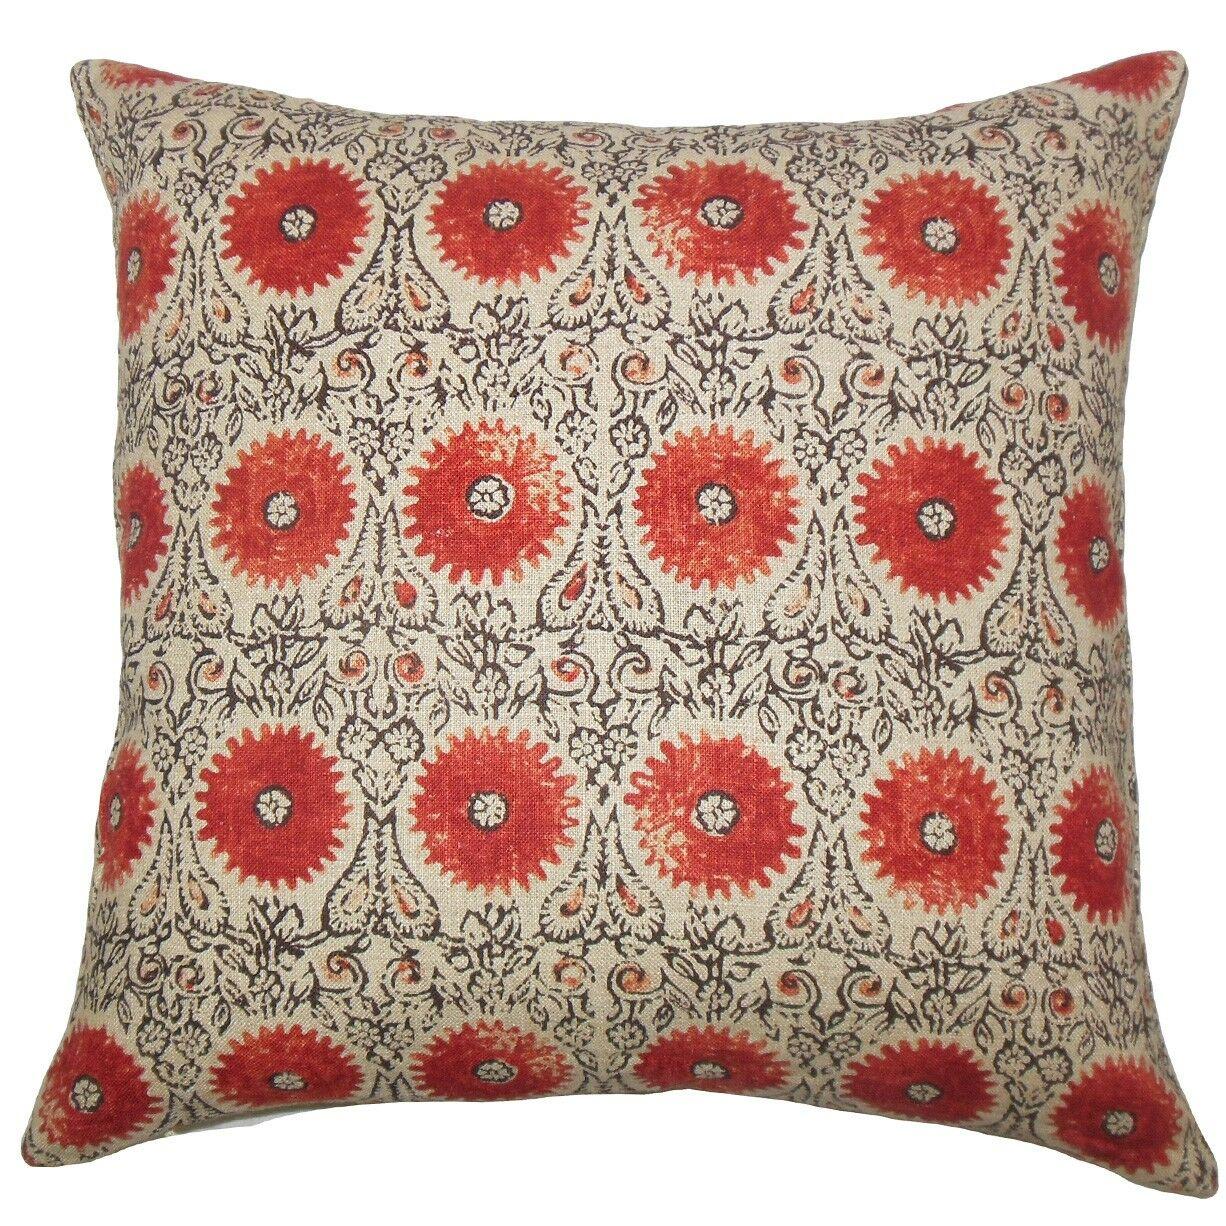 Xaria Floral Throw Pillow Color: Spice, Size: 22